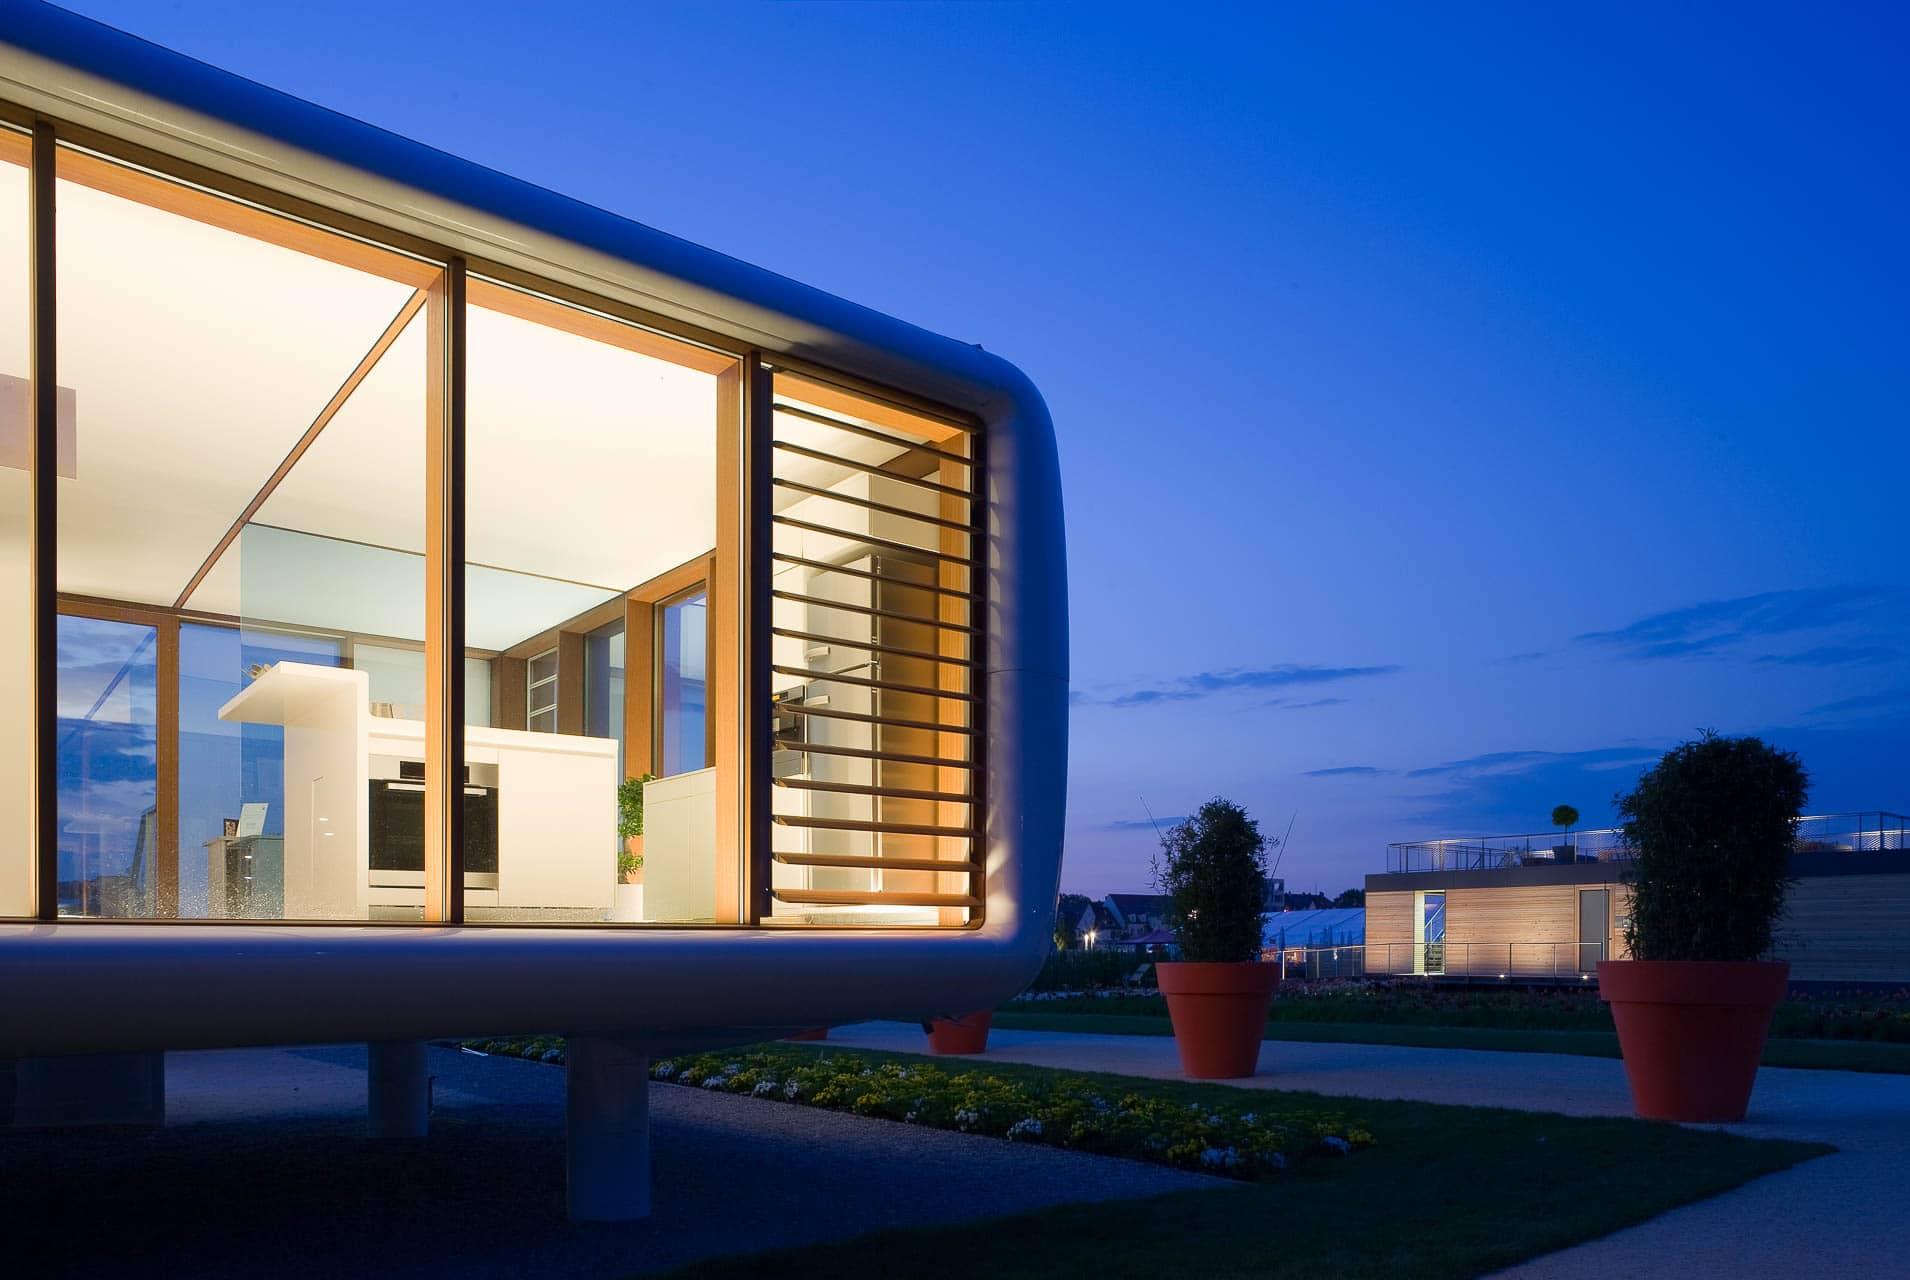 Der Loftcube zeigt Transparenz und Innenräume in der Dämmerung